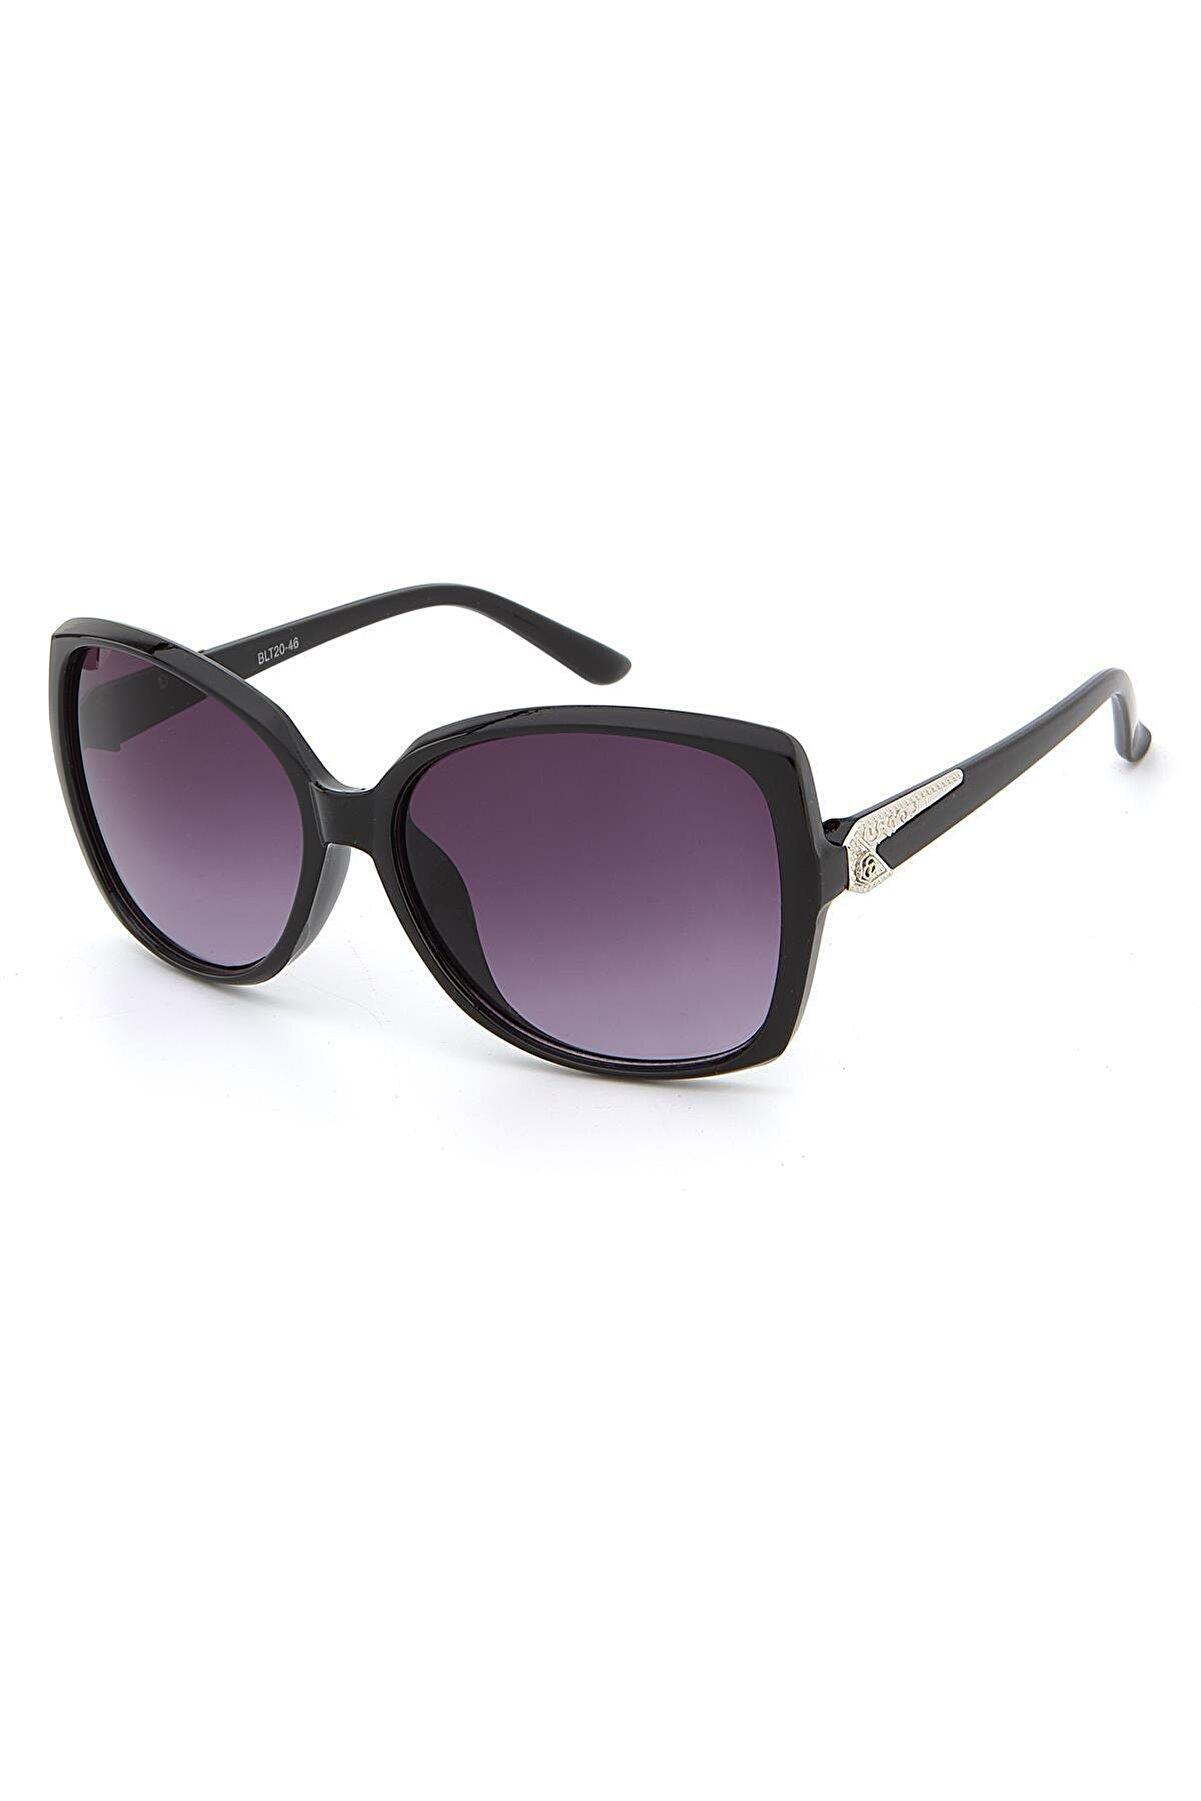 Belletti Kadın Güneş Gözlüğü Blt2046a